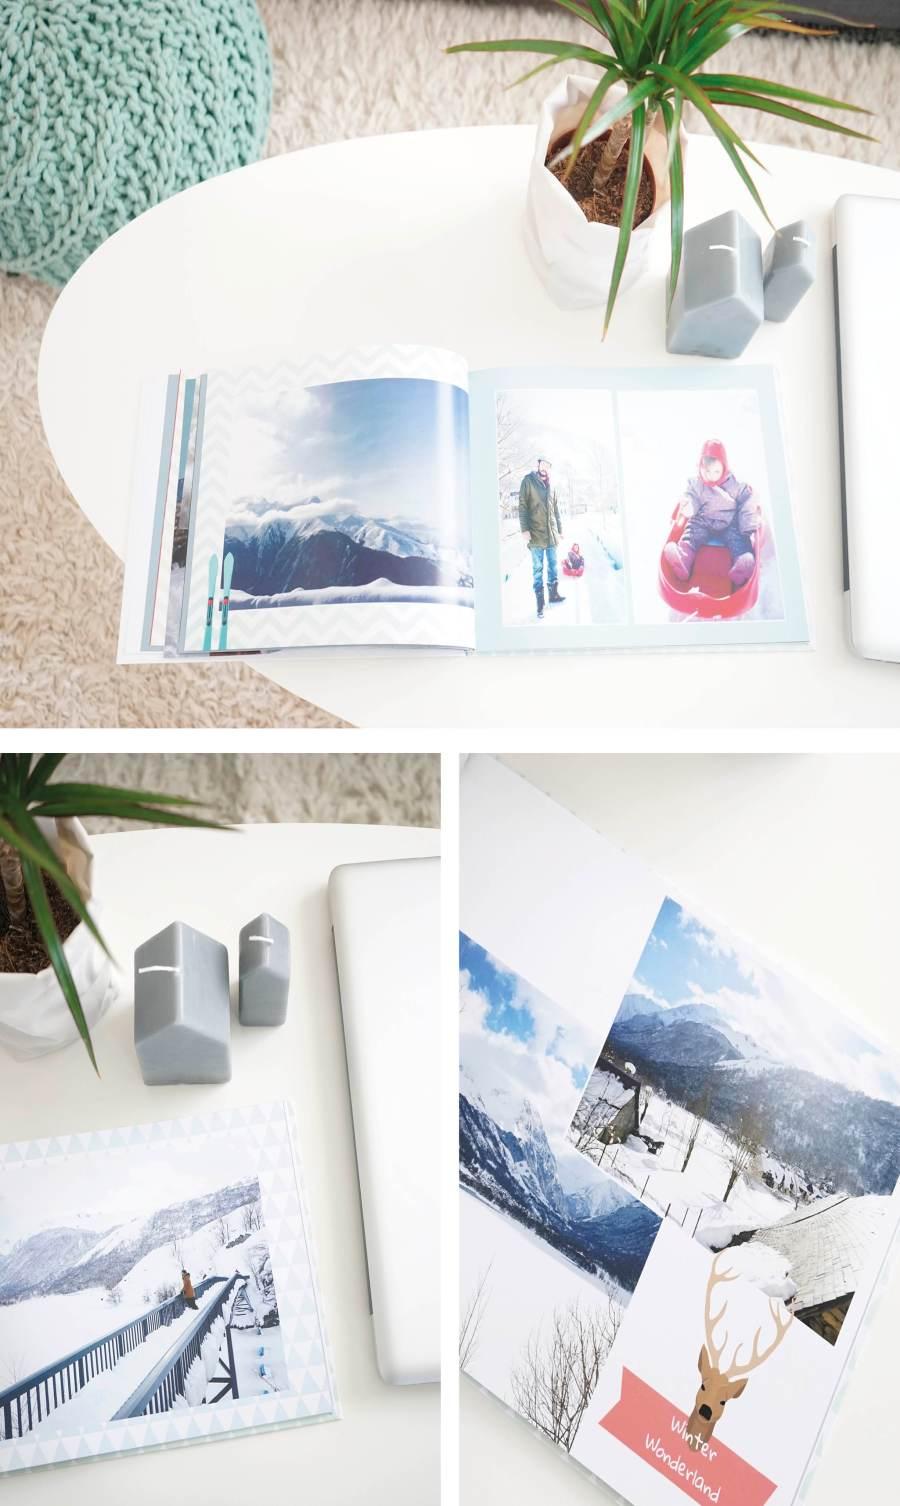 vacances_à_la_montagne_blog_DECOuvrir_design2